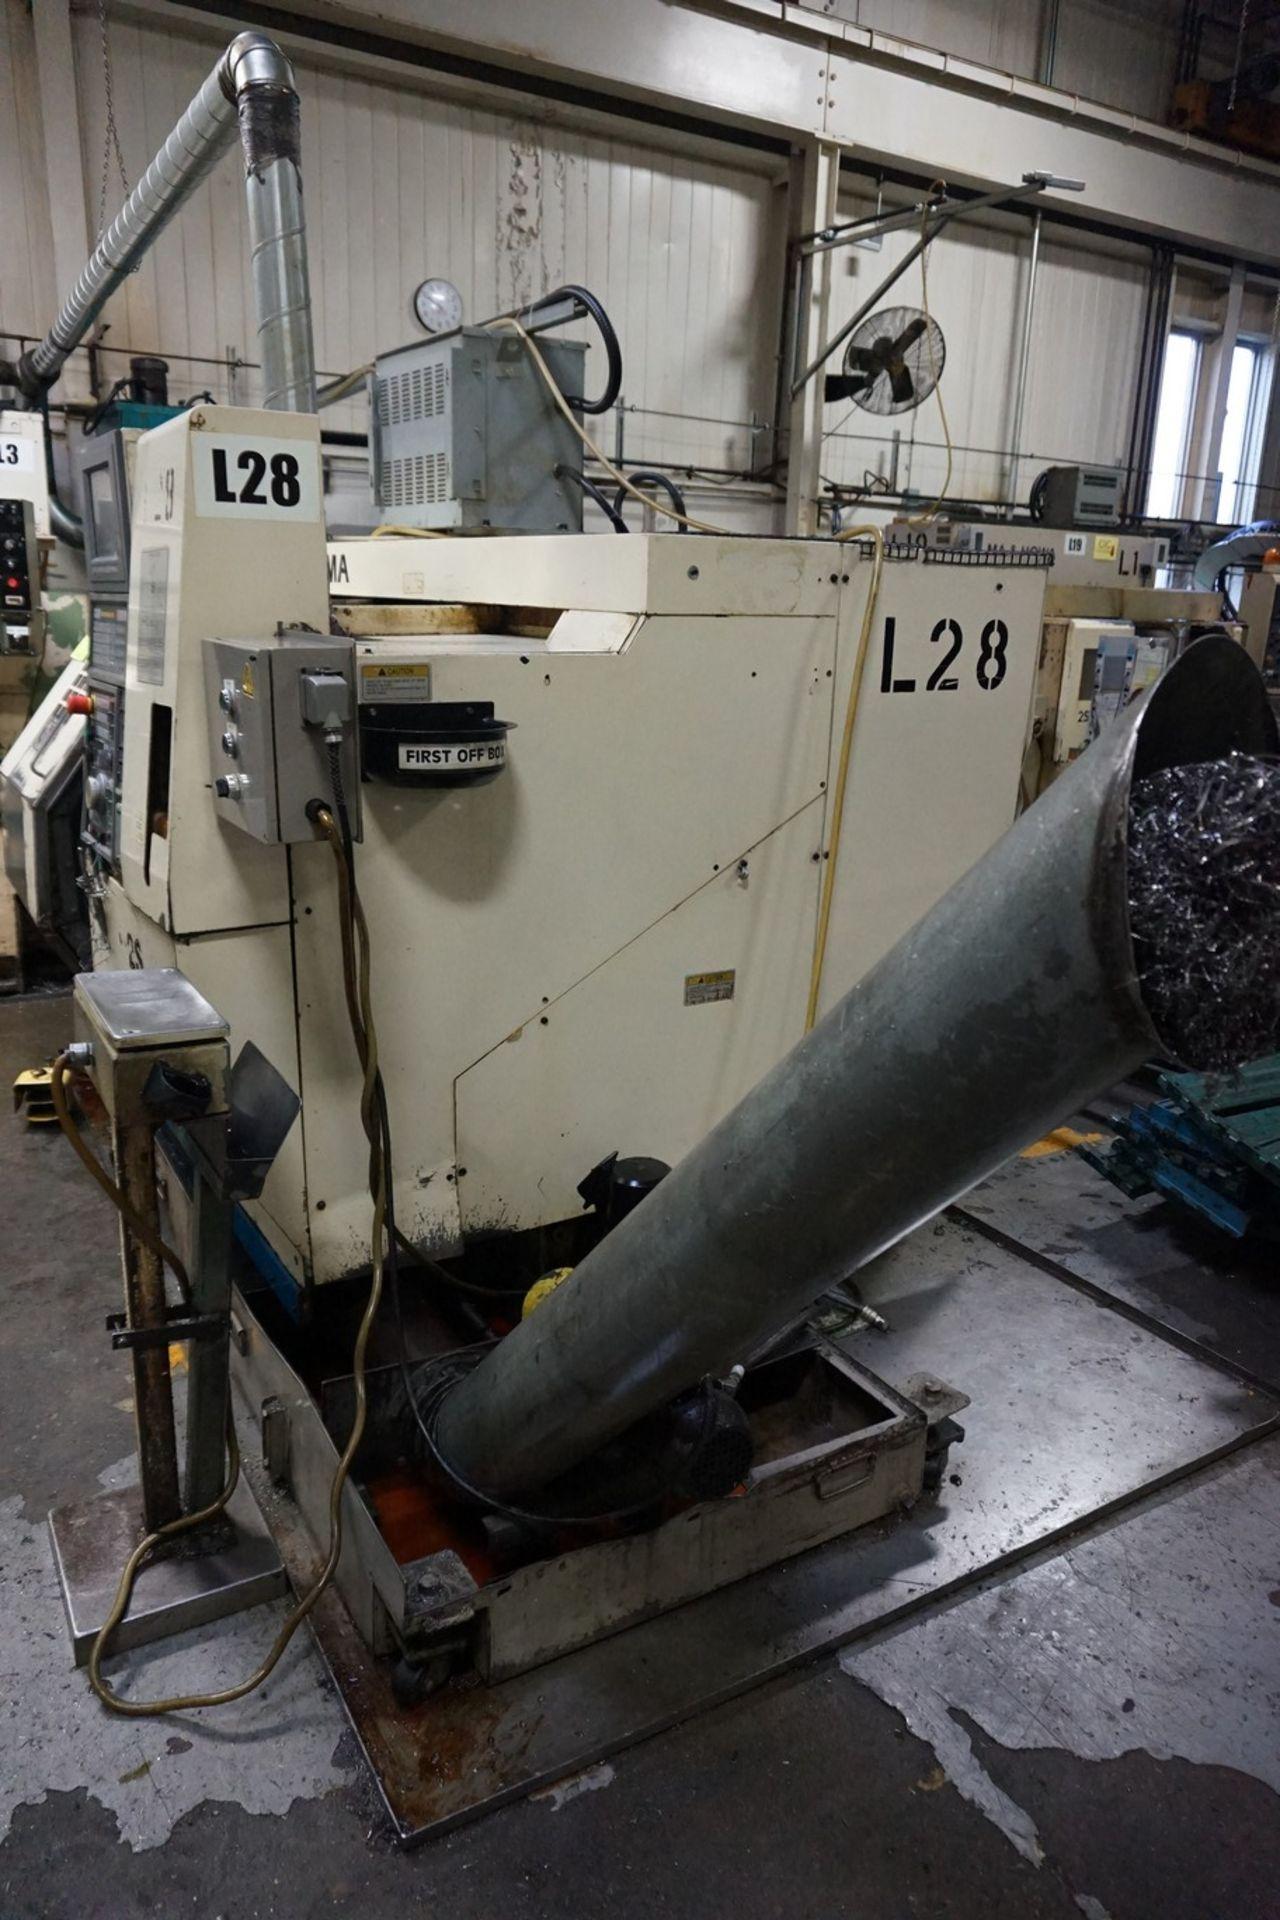 Okuma Model LCC15-2S CNC Lathe 220/240V c/w Chip Conveyor, Transformer - Image 7 of 11